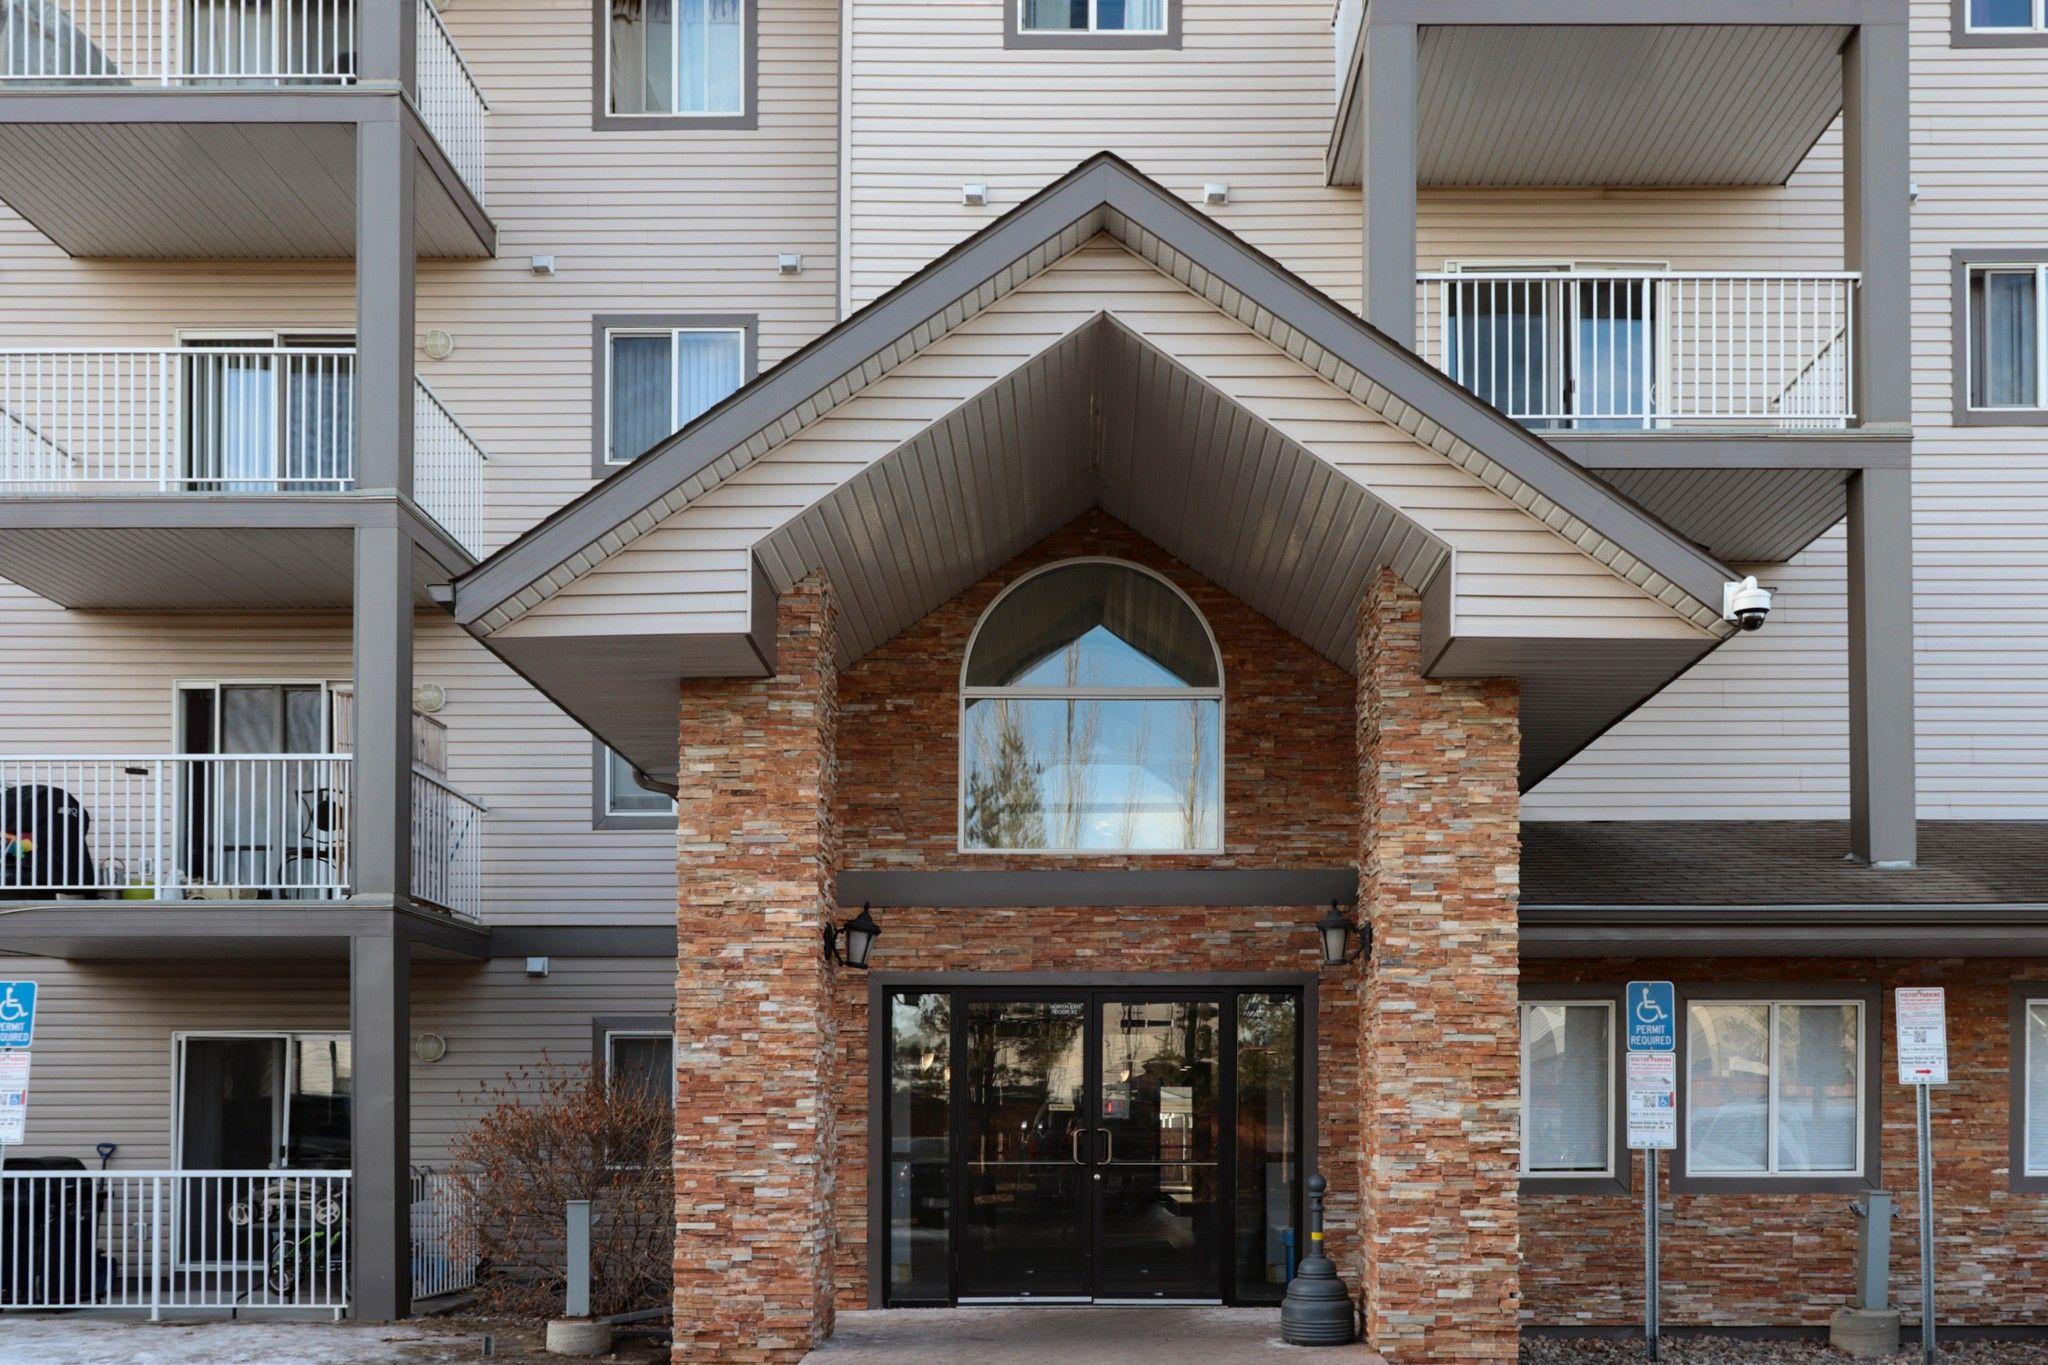 Main Photo: #415, 3425 19 St NW in Edmonton: Condo for sale : MLS®# E4234015